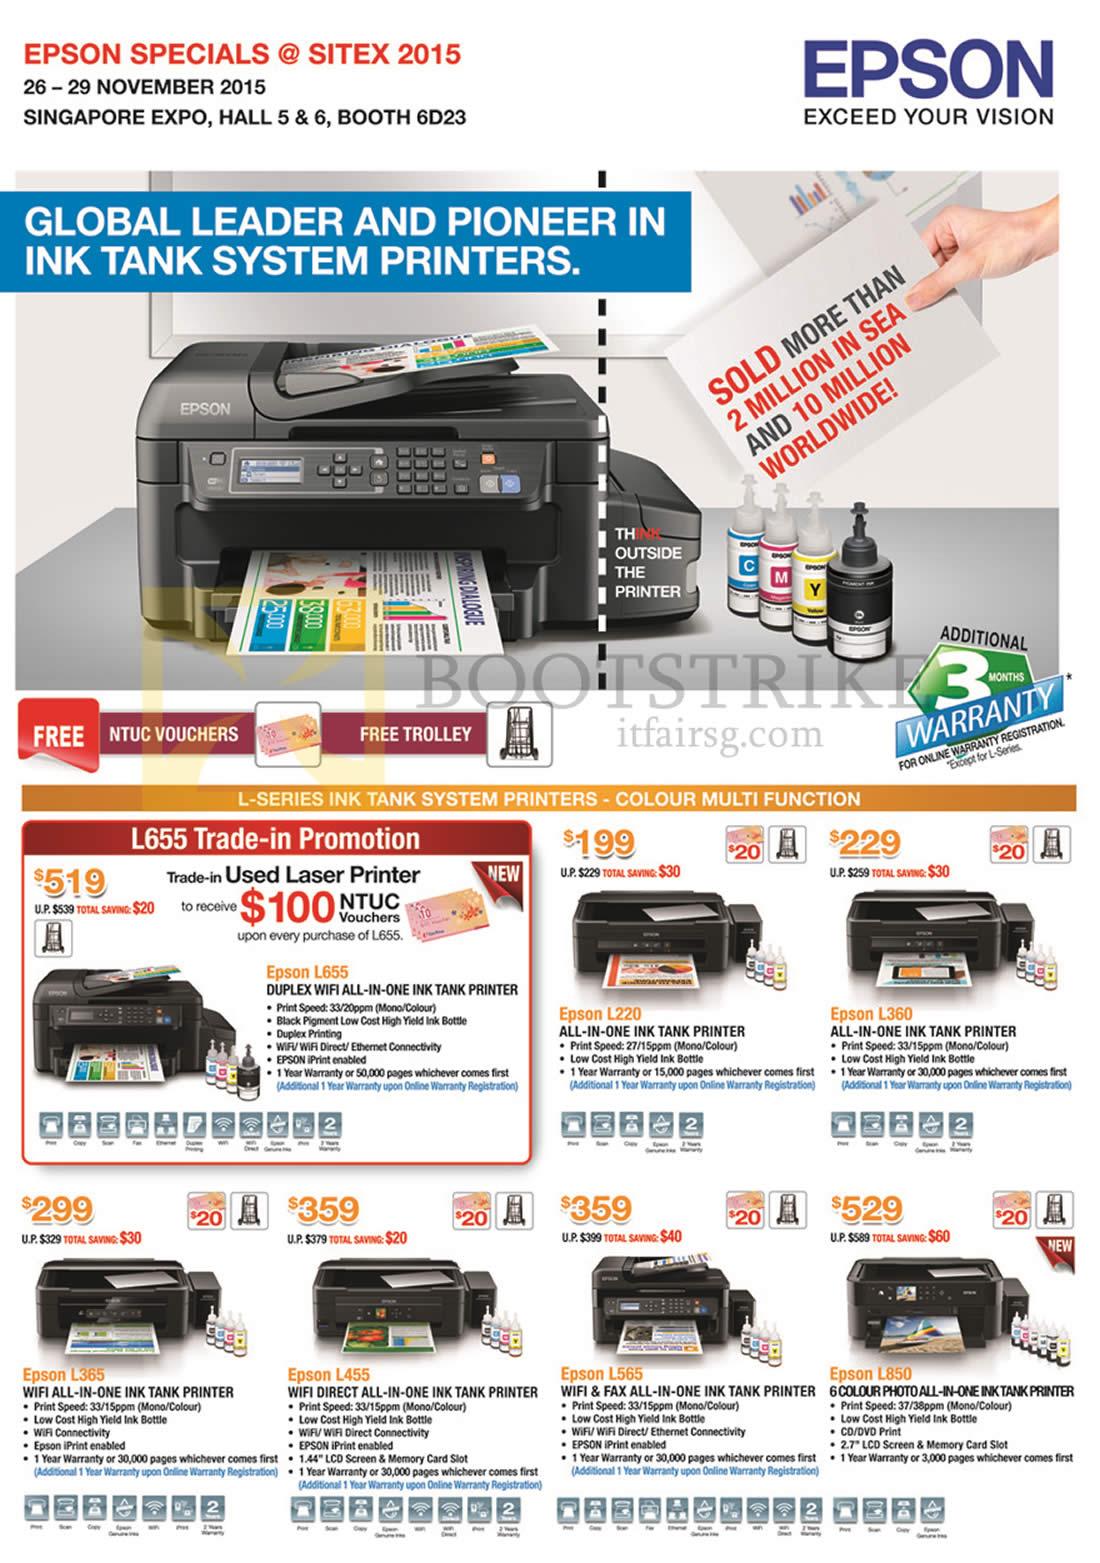 SITEX 2015 price list image brochure of Epson Printers L Series Ink Tank System L220, L360, L365, L455, L565, L850